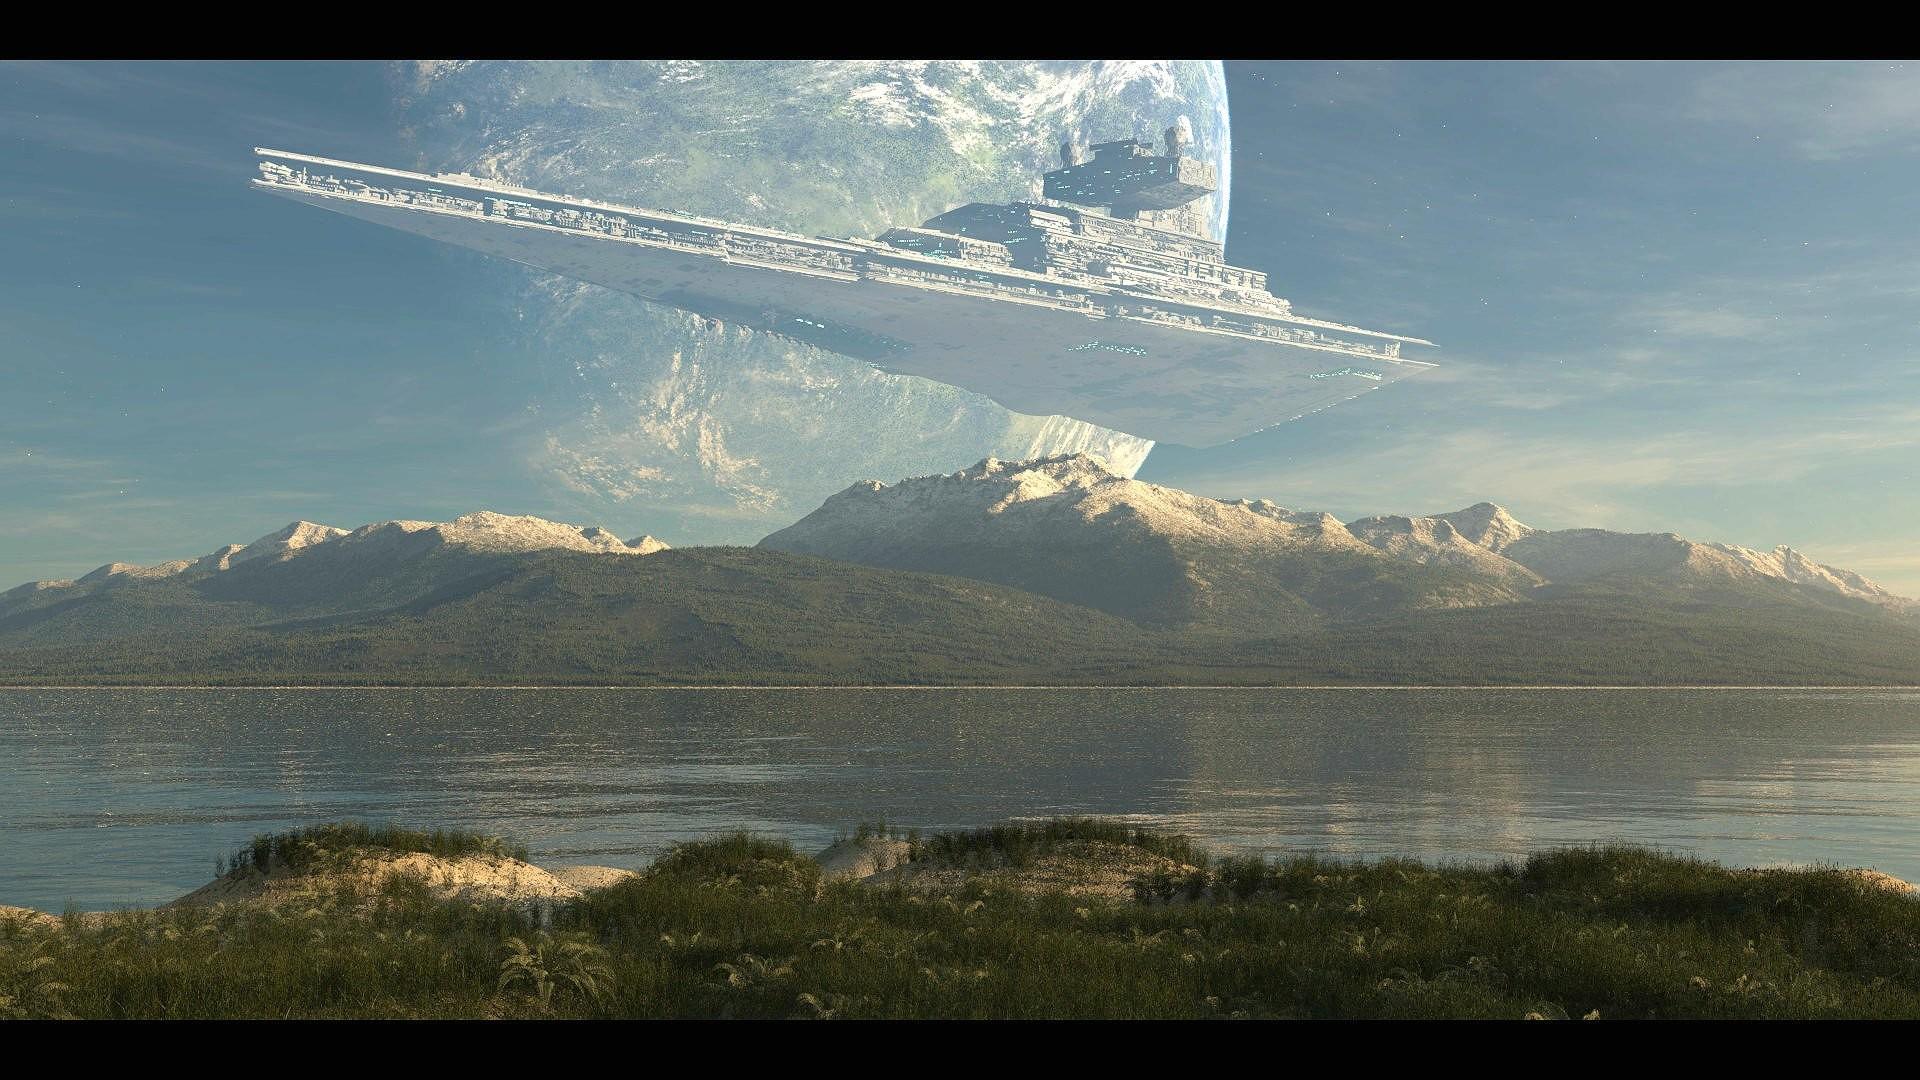 Star Destroyer star wars spaceship sci-fi space wallpaper | |  633052 | WallpaperUP